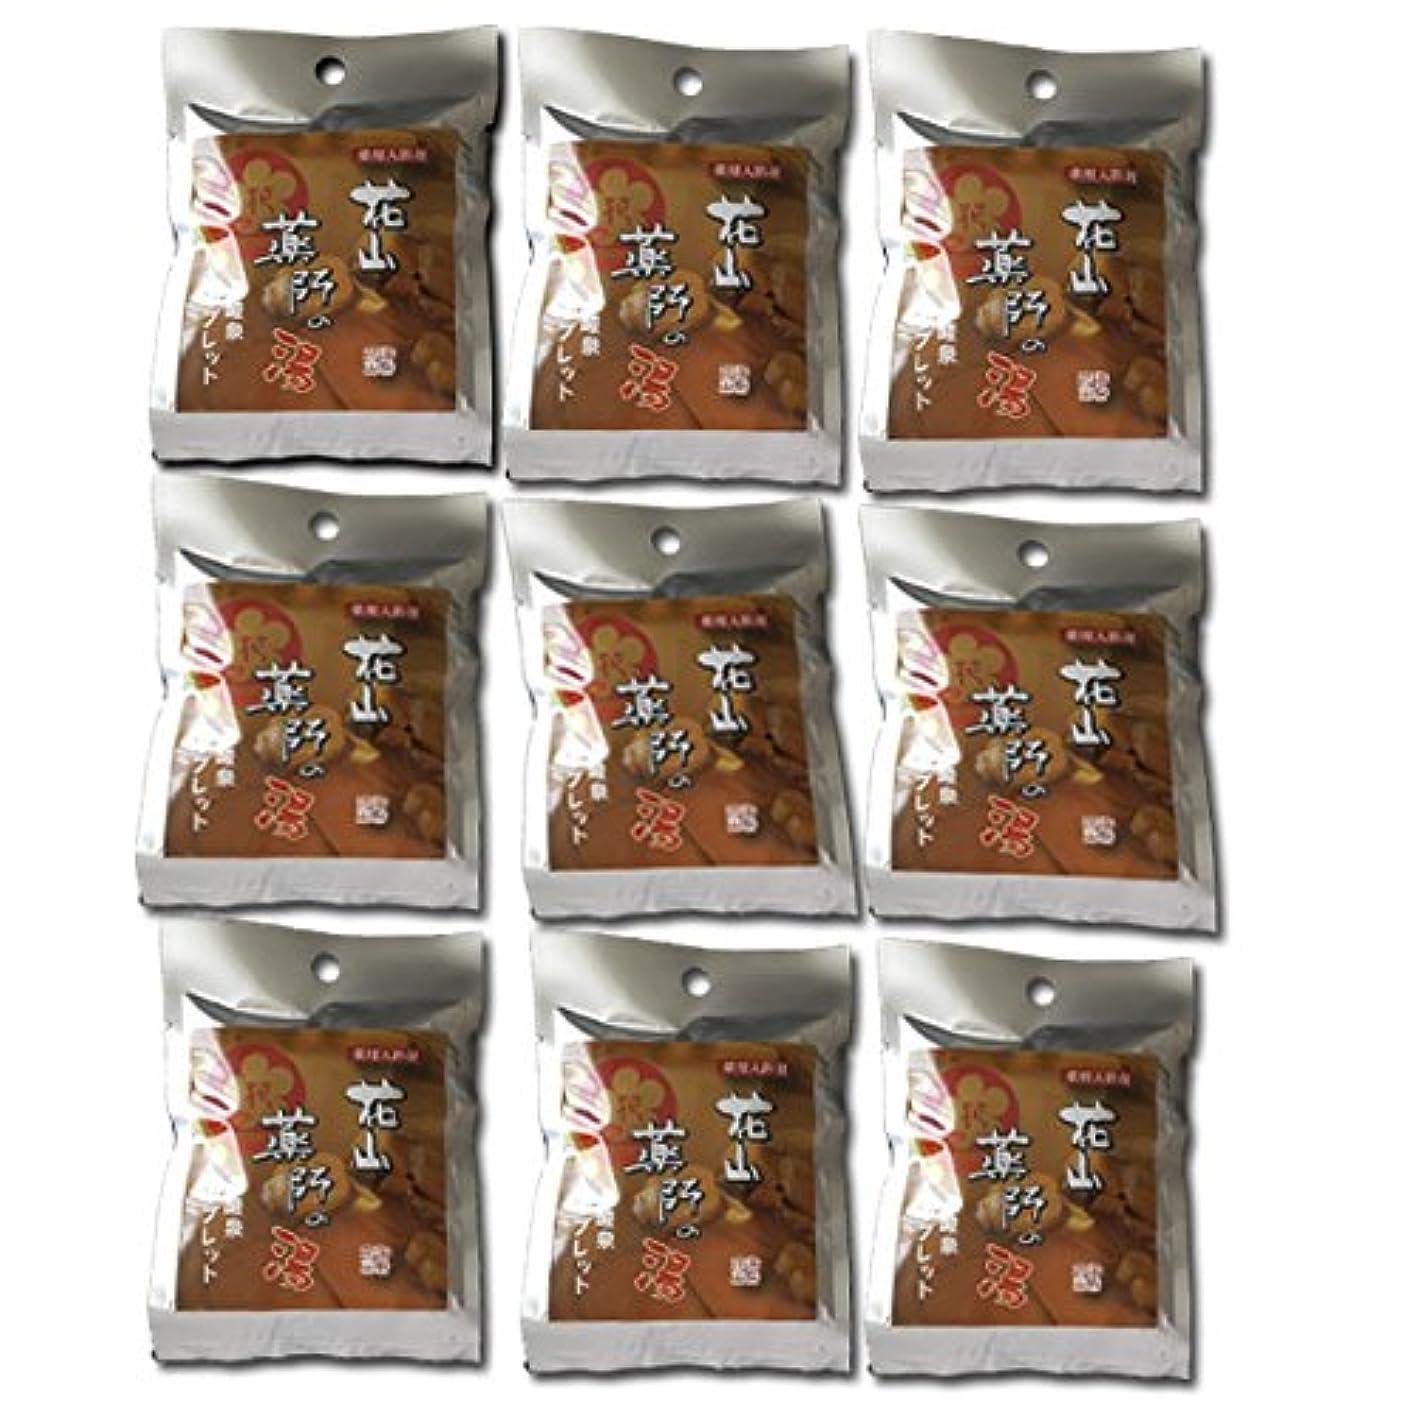 冒険フィールドドレス入浴剤 炭酸泉 和歌山 花山温泉の温泉分析値を元に配合して作られたタブレット9個 薬用